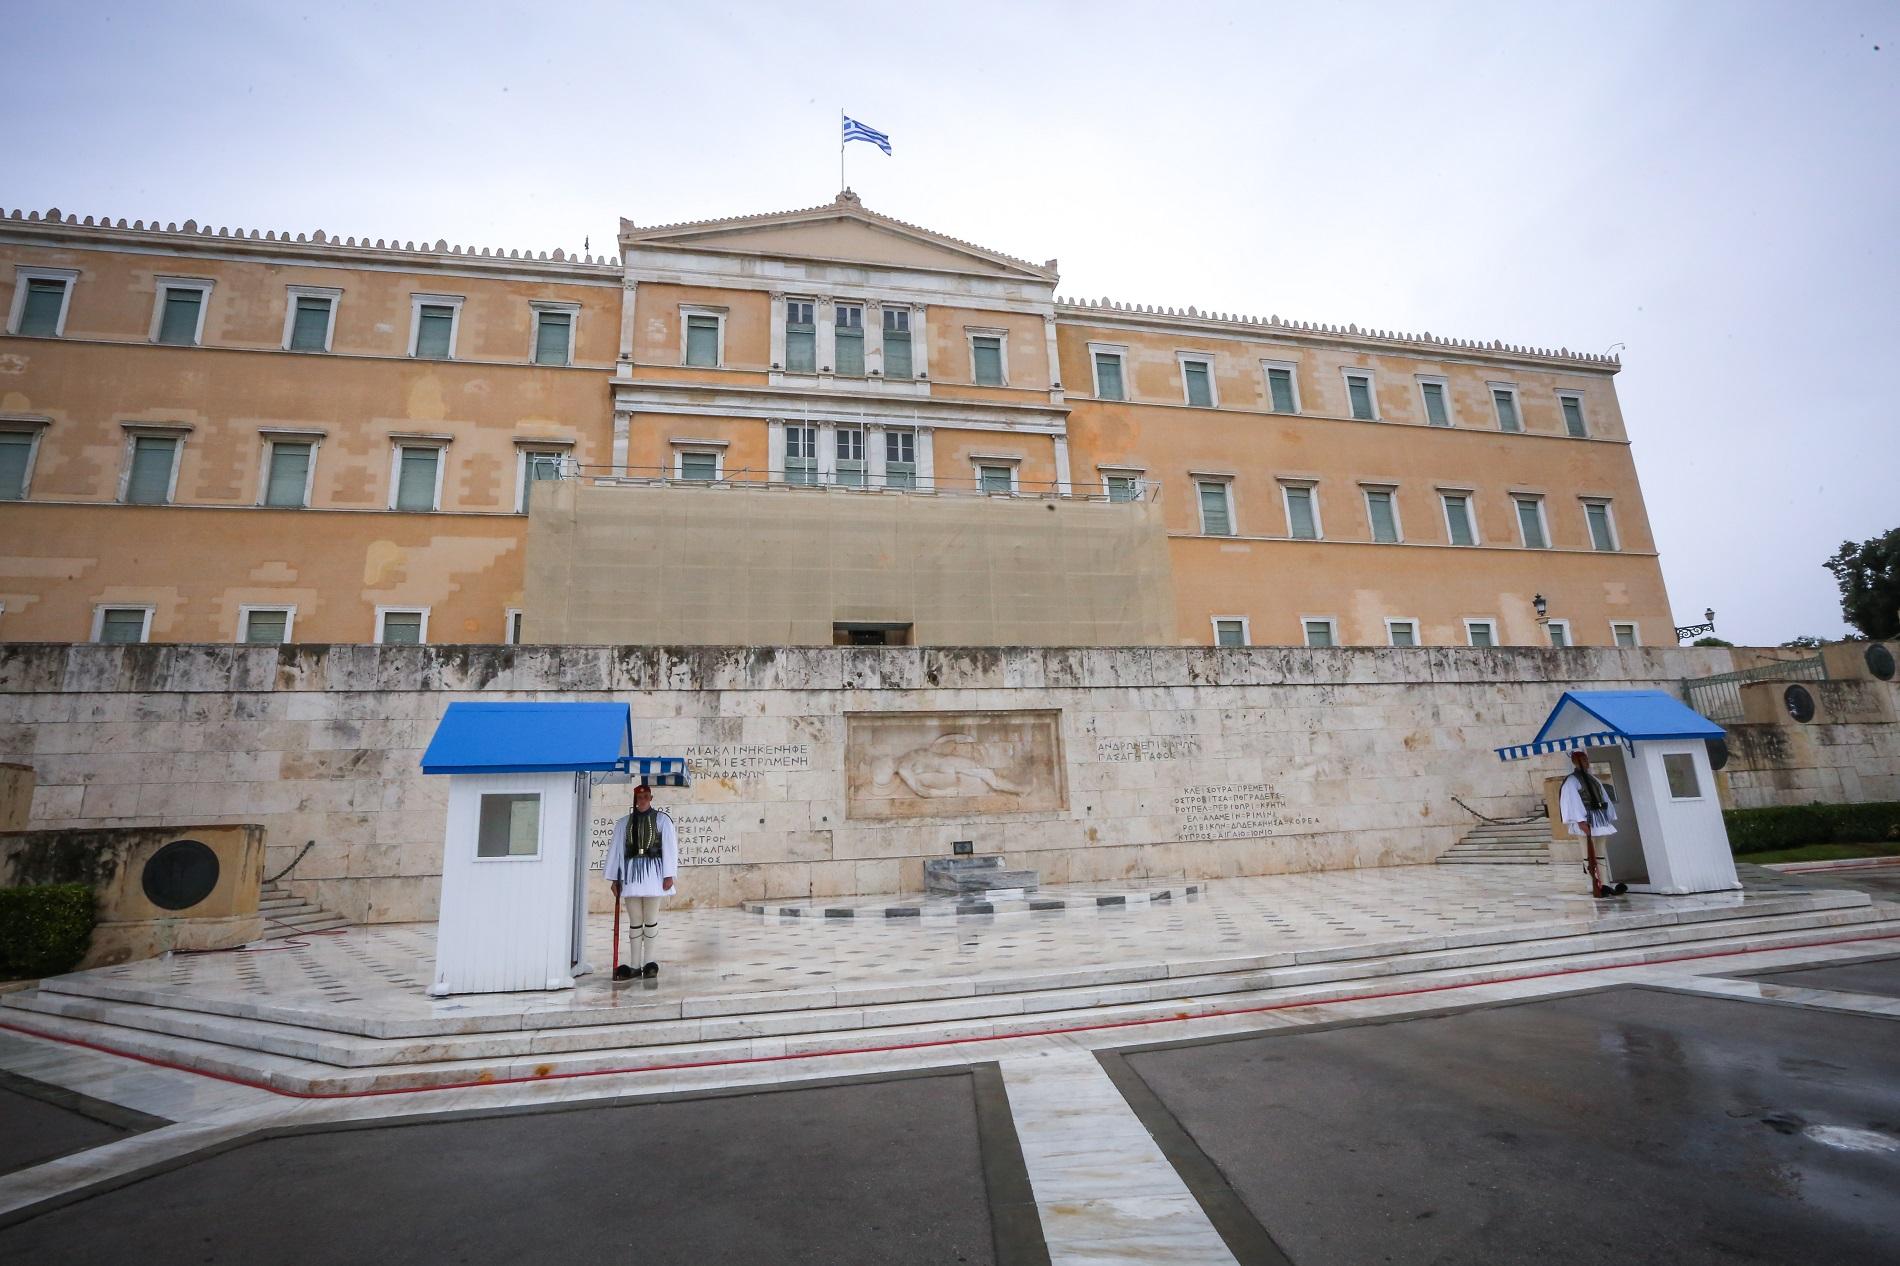 Βουλή: Συζητείται σήμερα τροπολογία για τον ψηφιακό έλεγχο των μέτρων προστασίας από τον κορονοϊό στις εκπαιδευτικές δομές